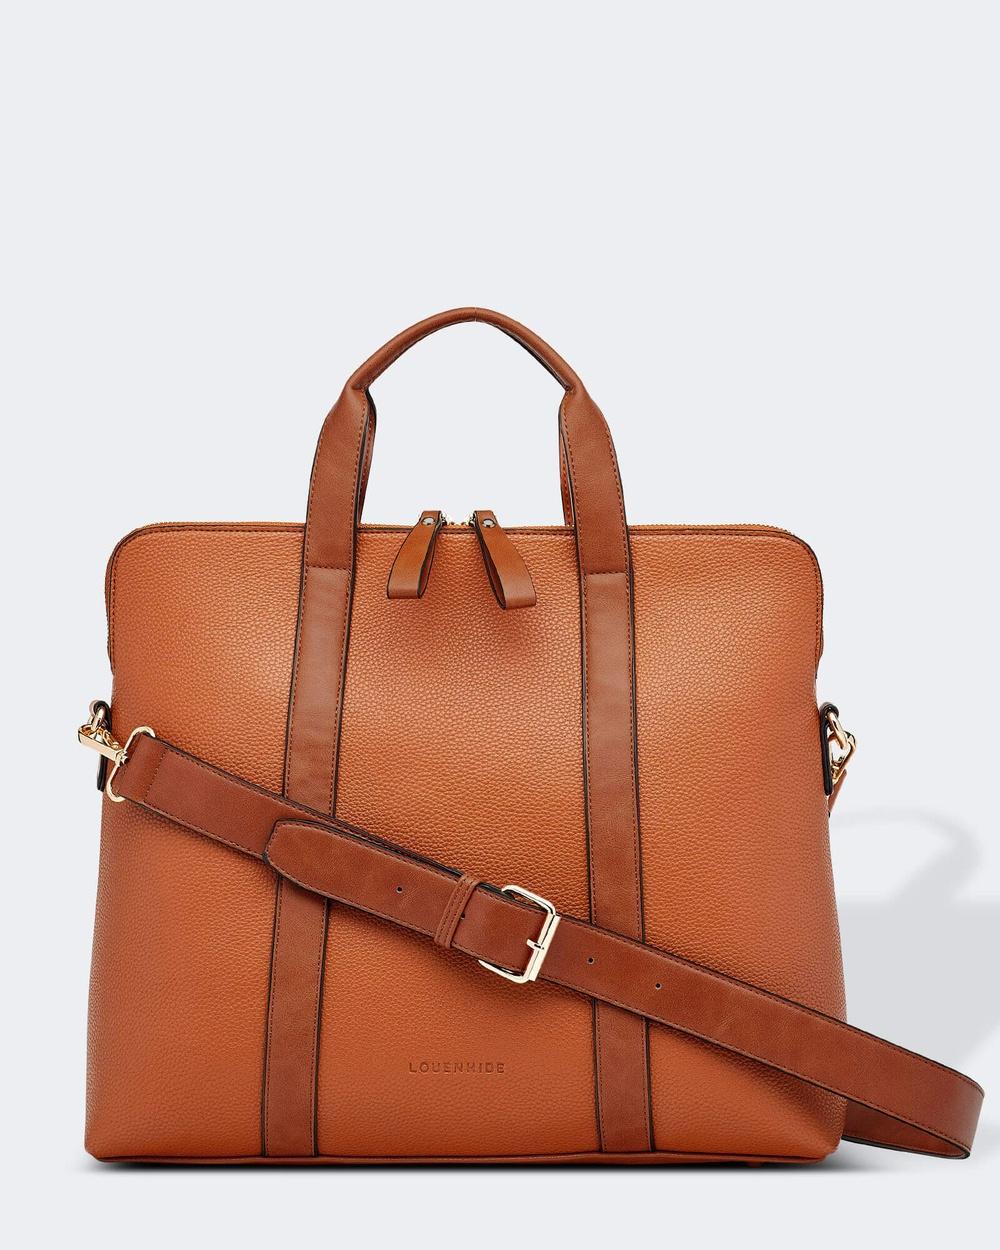 Louenhide Rhodes Laptop Bag Bags Tan Laptop Bags Australia